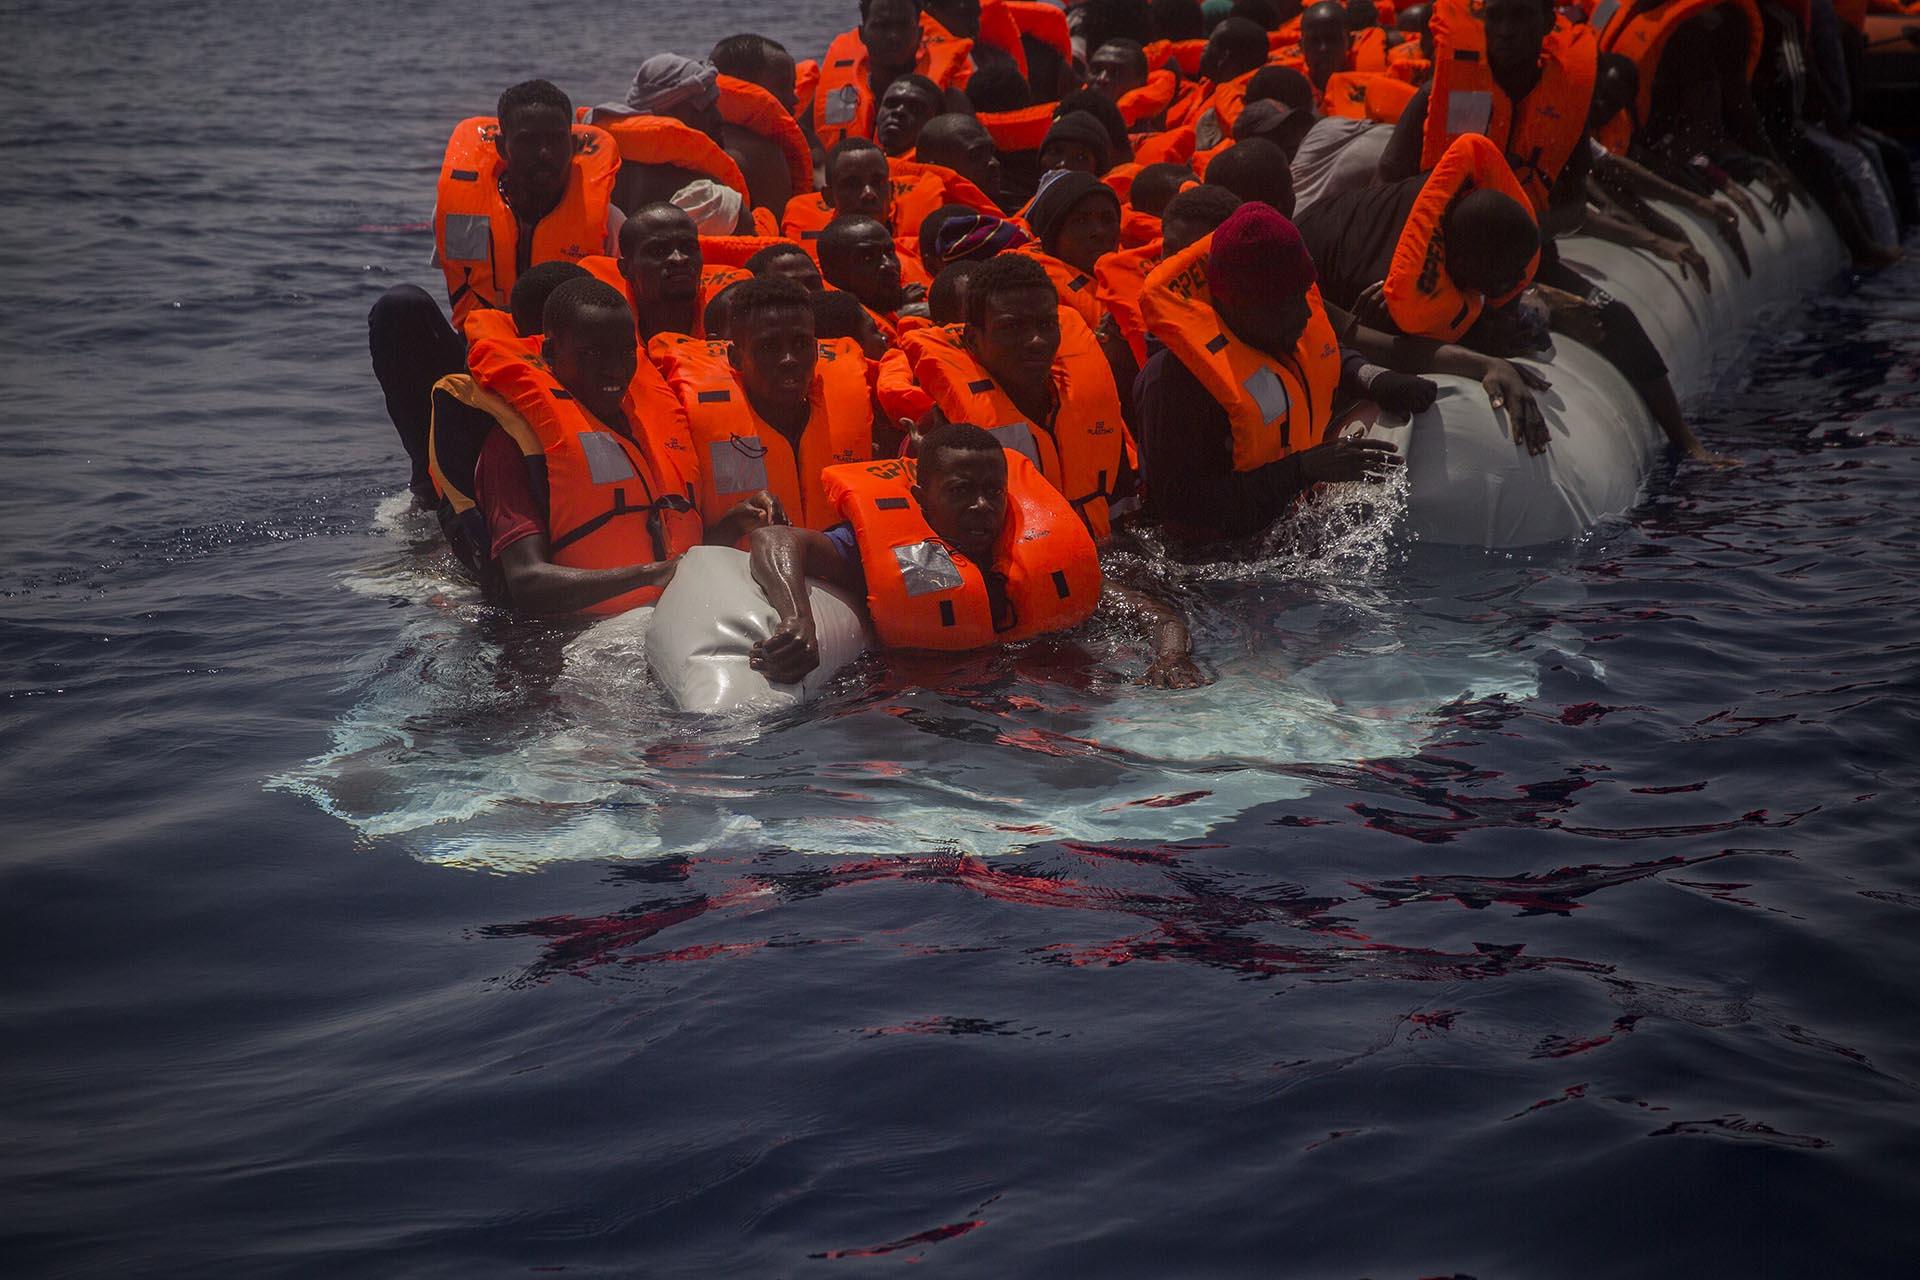 Proactiva Open Arms rescató a cientos de migrantes el pasado martes. Entre ellos había niños y mujeres muertos (AP/Santi Palacios)